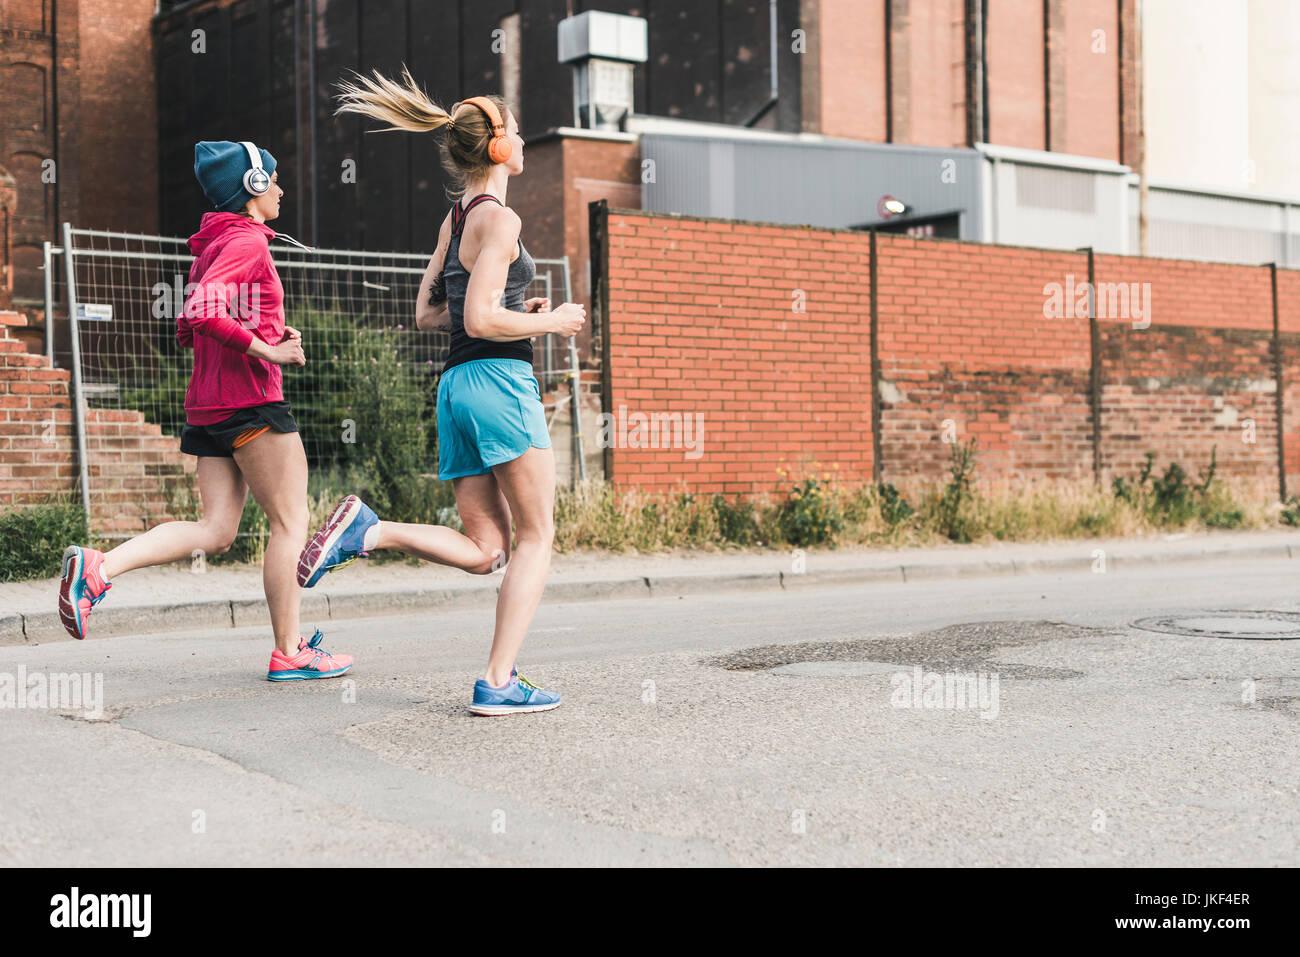 Zwei Frauen auf der Straße entlang Fabrik gebäude läuft Stockbild